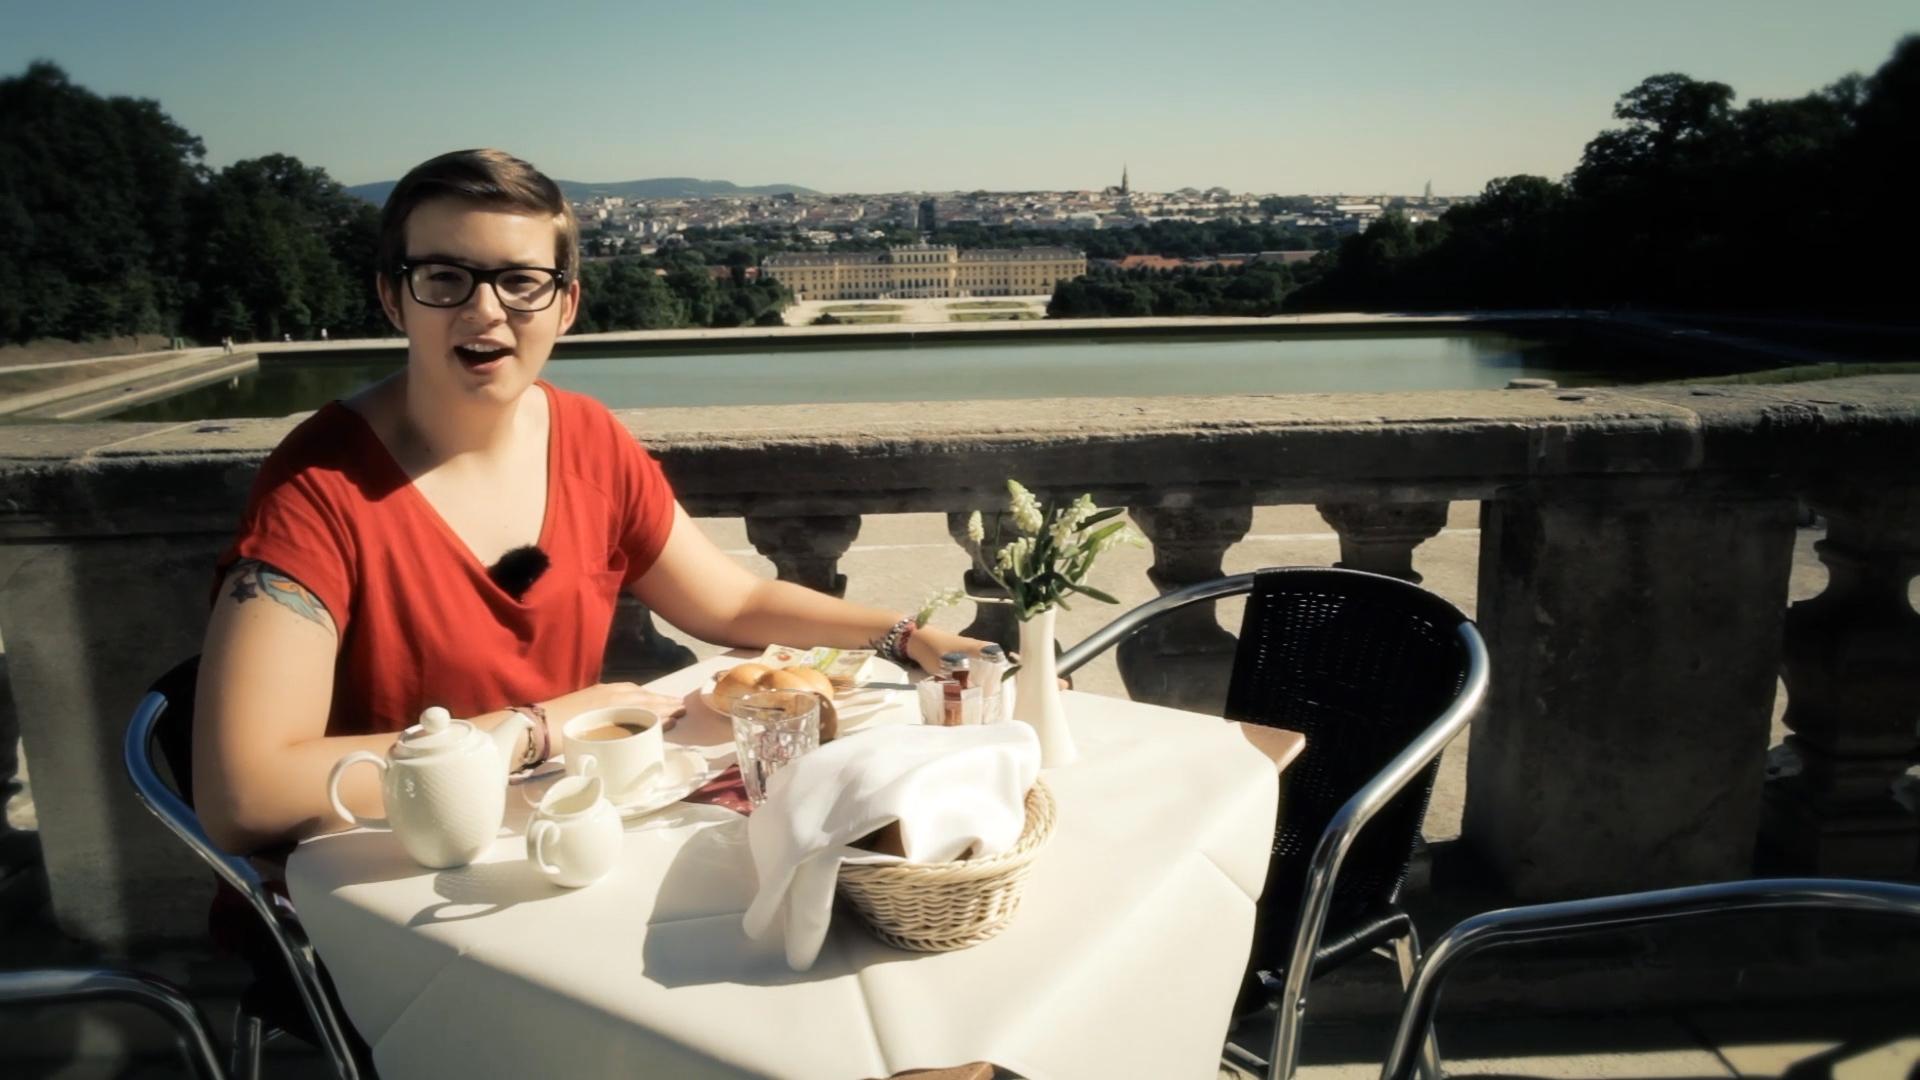 Mi día perfecto en Viena #myperfectday